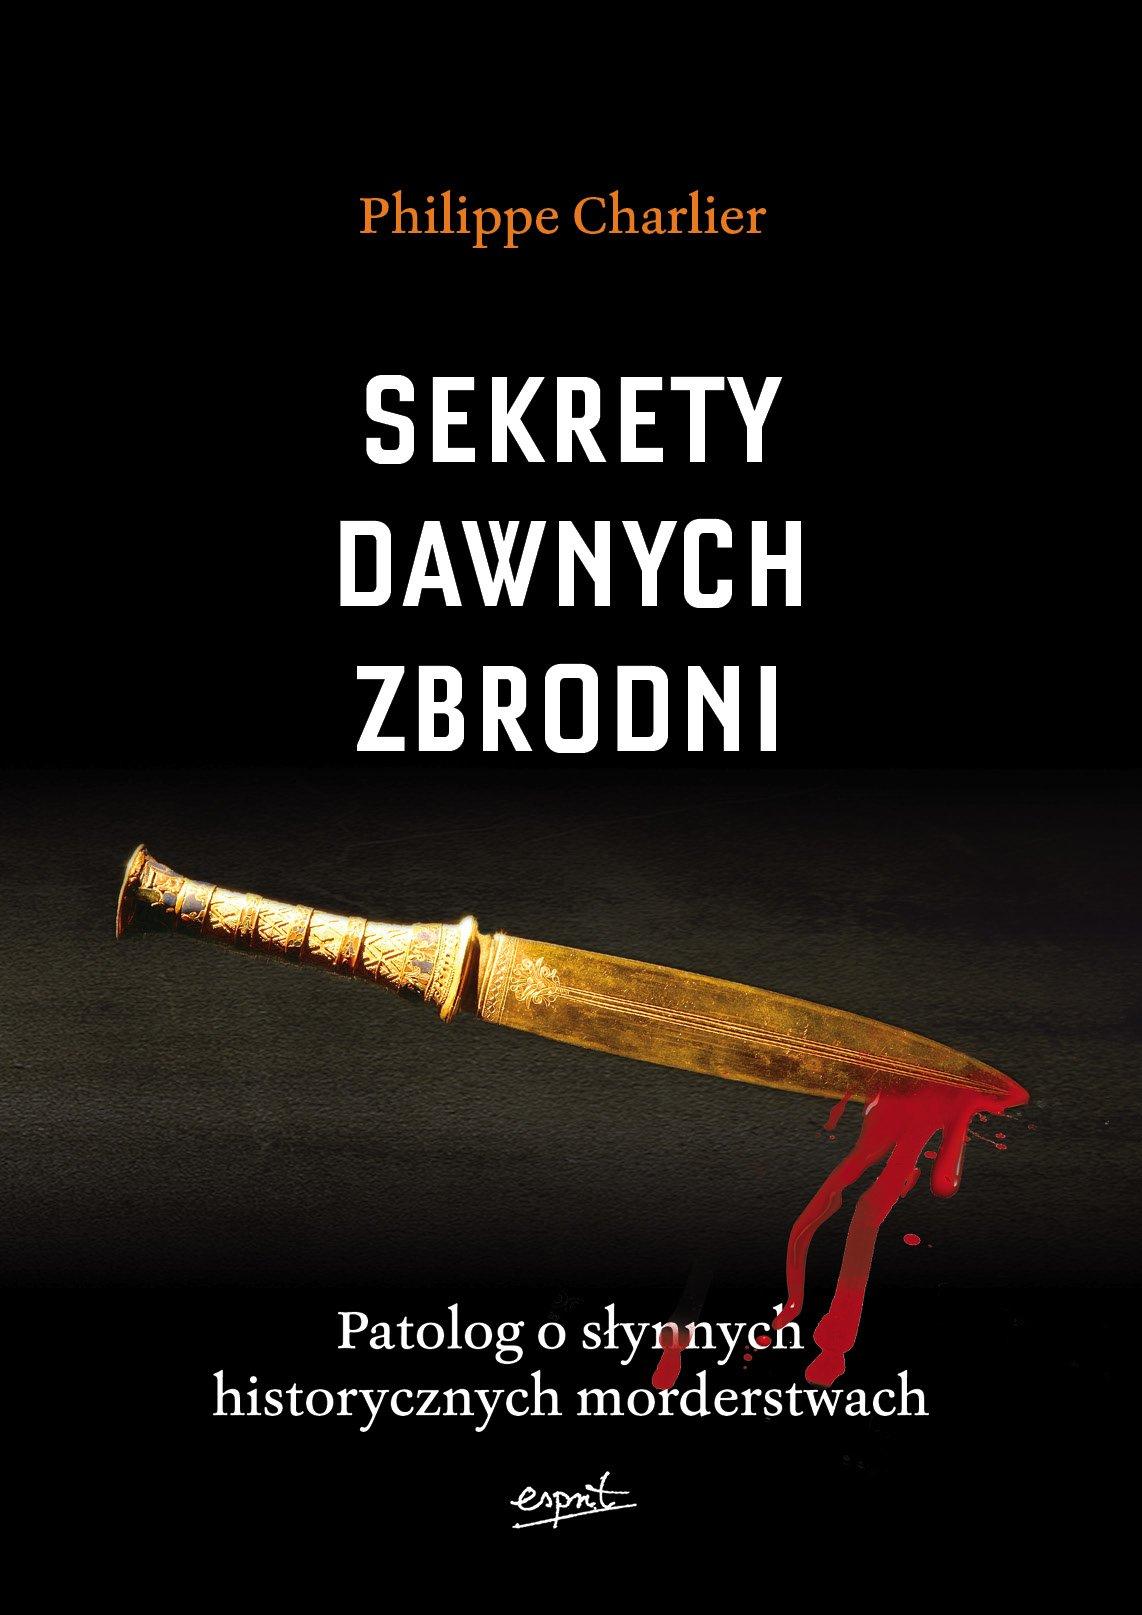 Sekrety dawnych zbrodni - Ebook (Książka EPUB) do pobrania w formacie EPUB